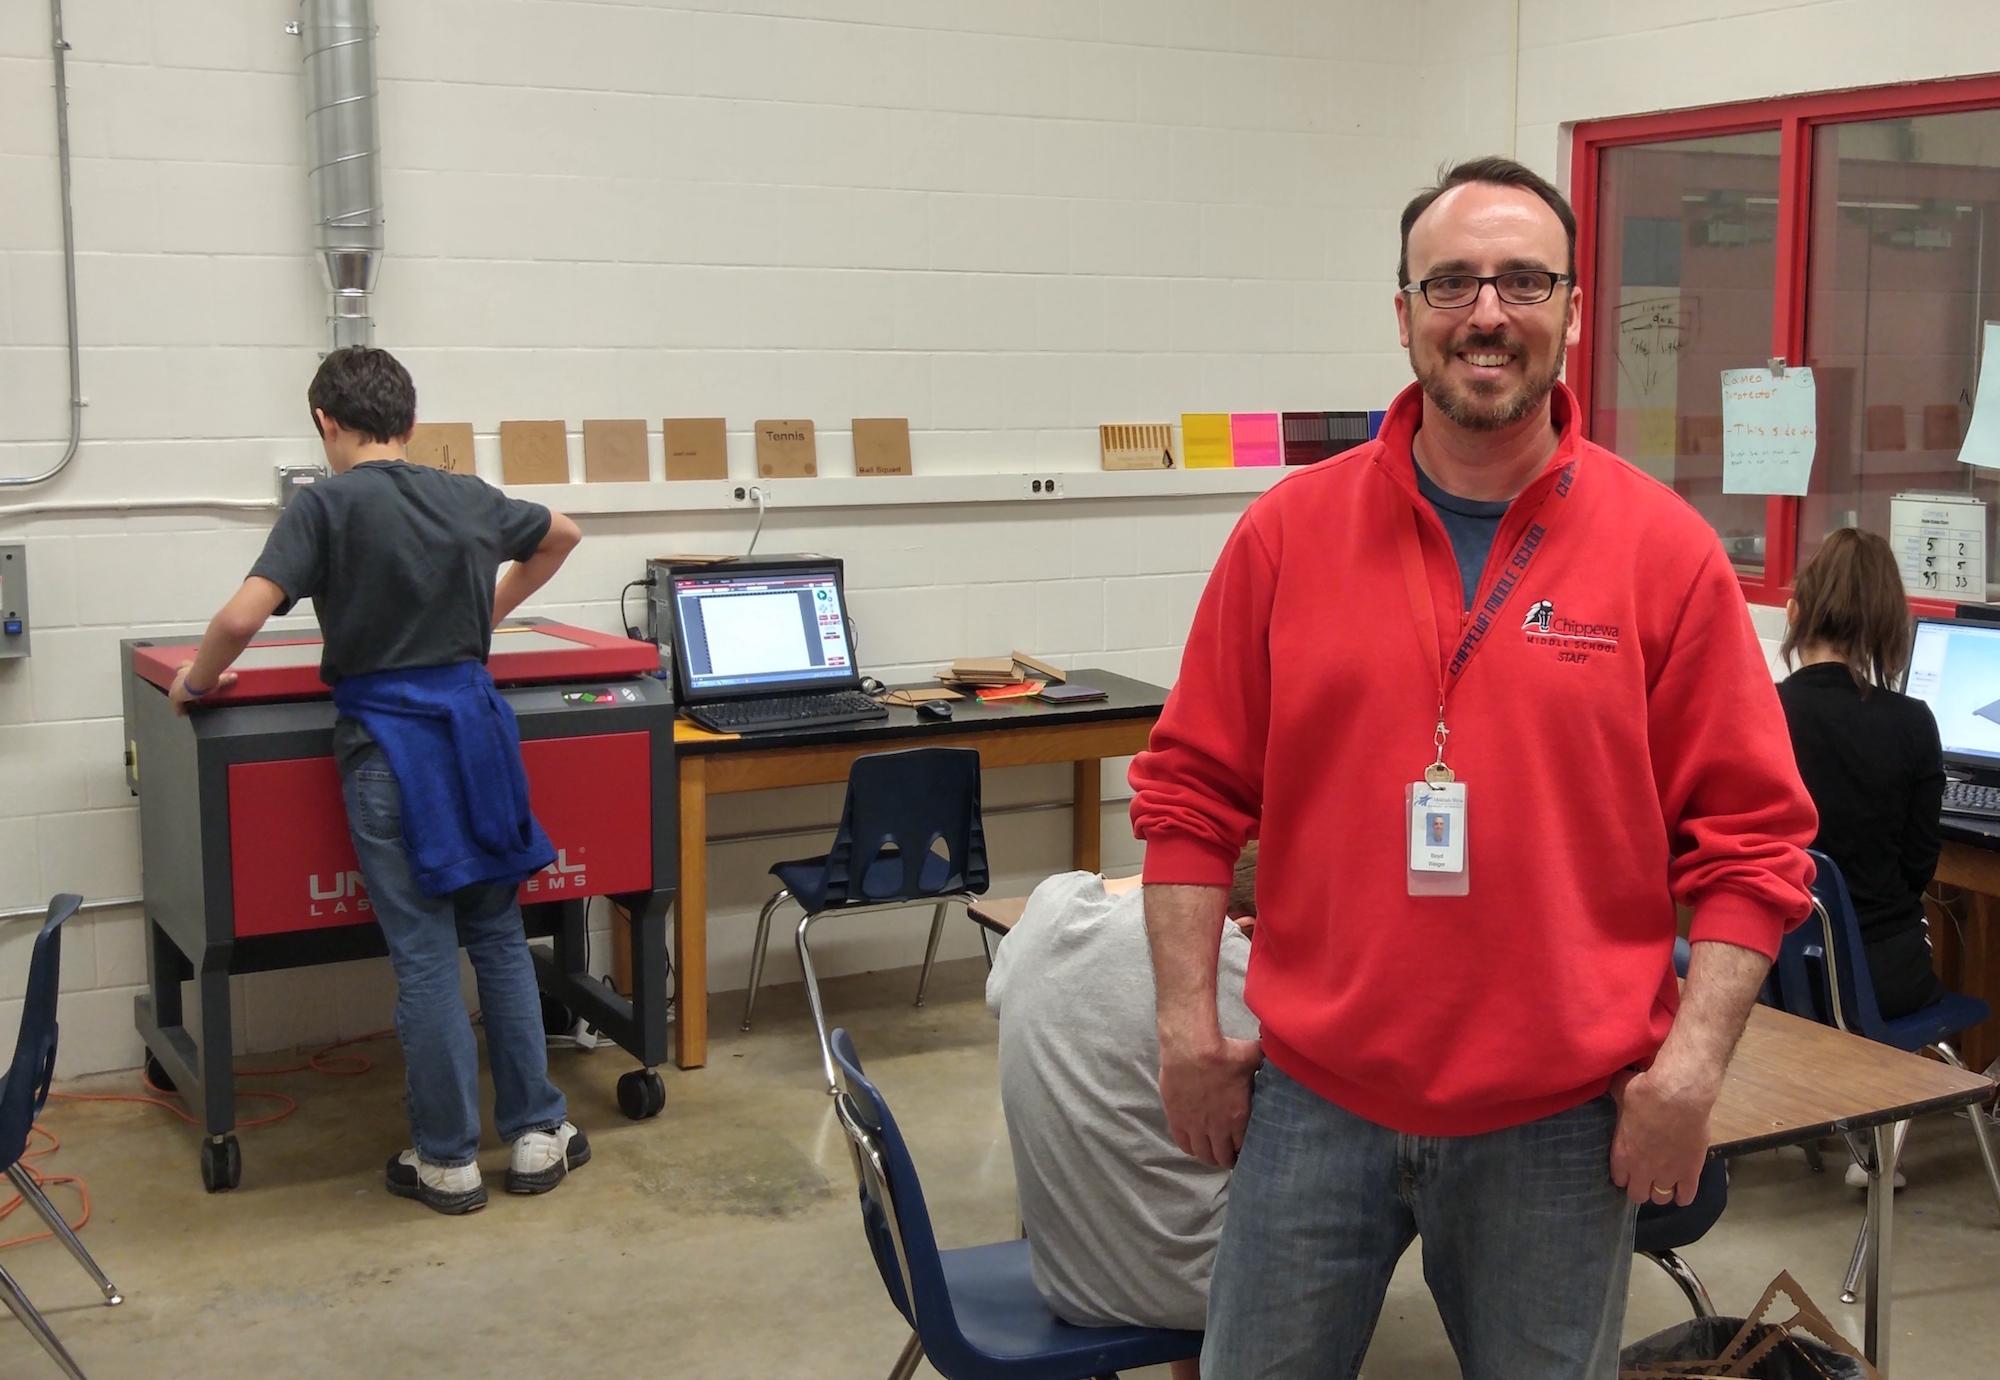 Maker Spotlight: Boyd Weiger